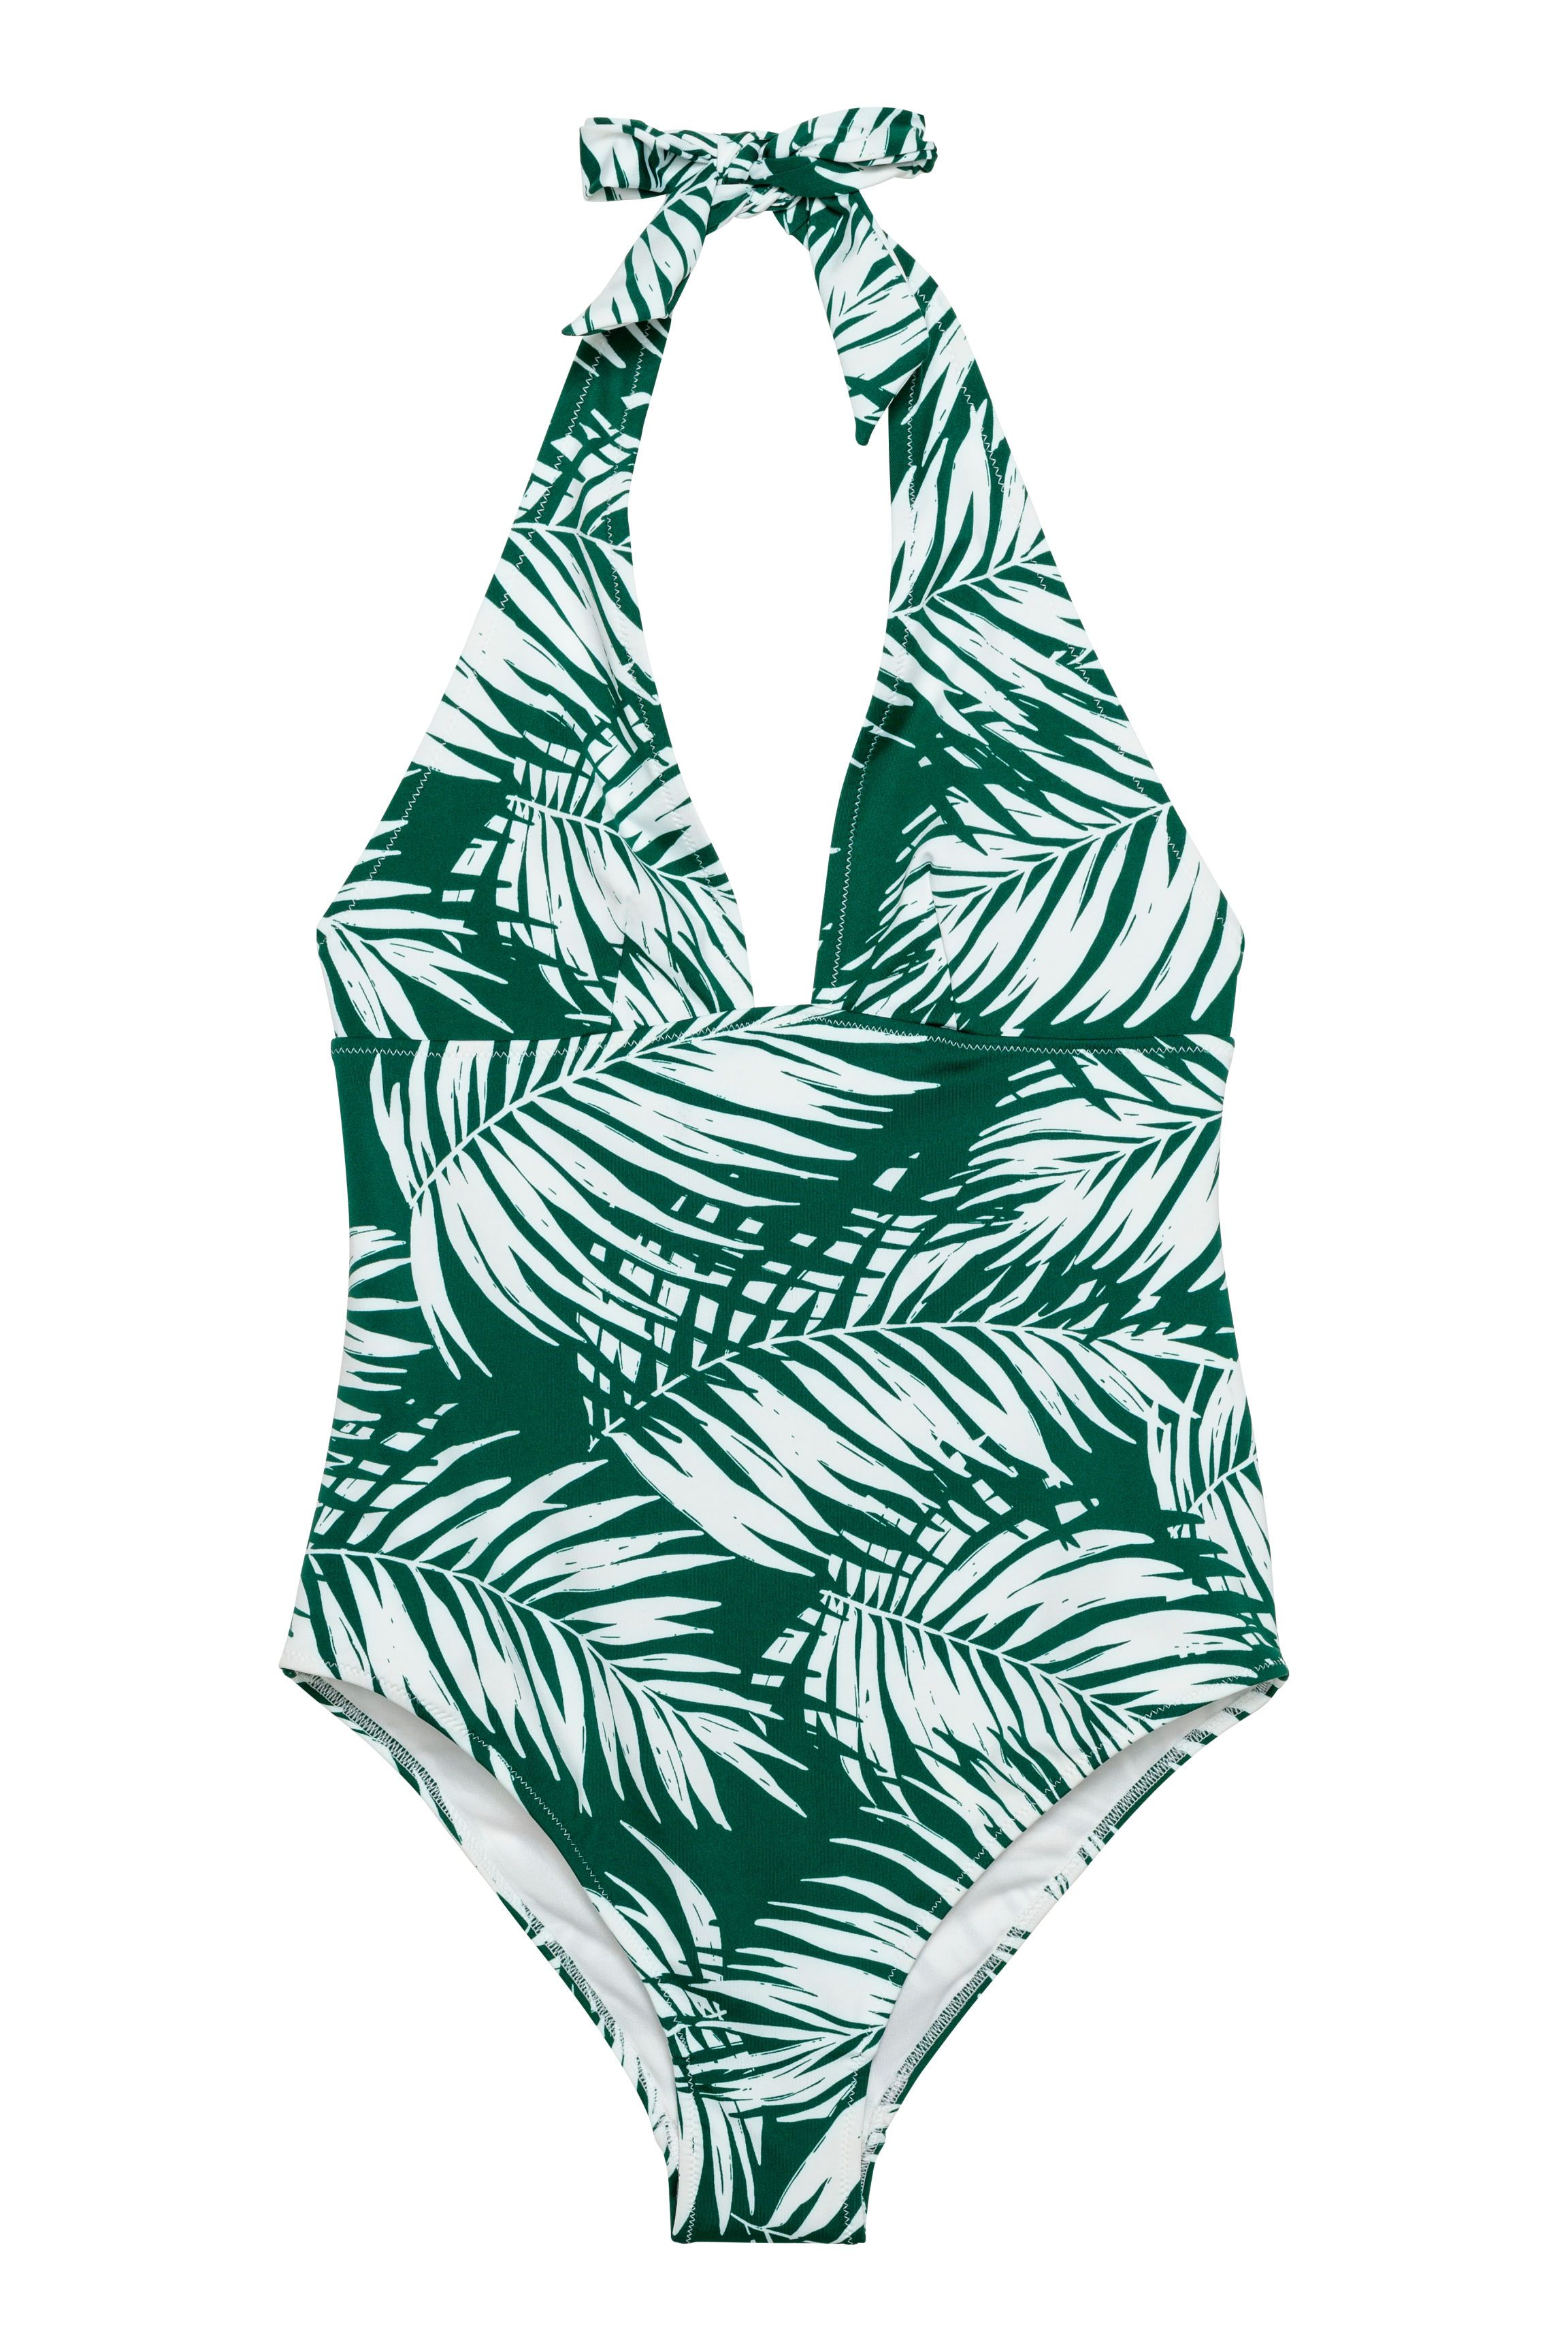 En Los Y Bañadores Arrasando Bikinis Están Tiendas Las Que rxoWedCB